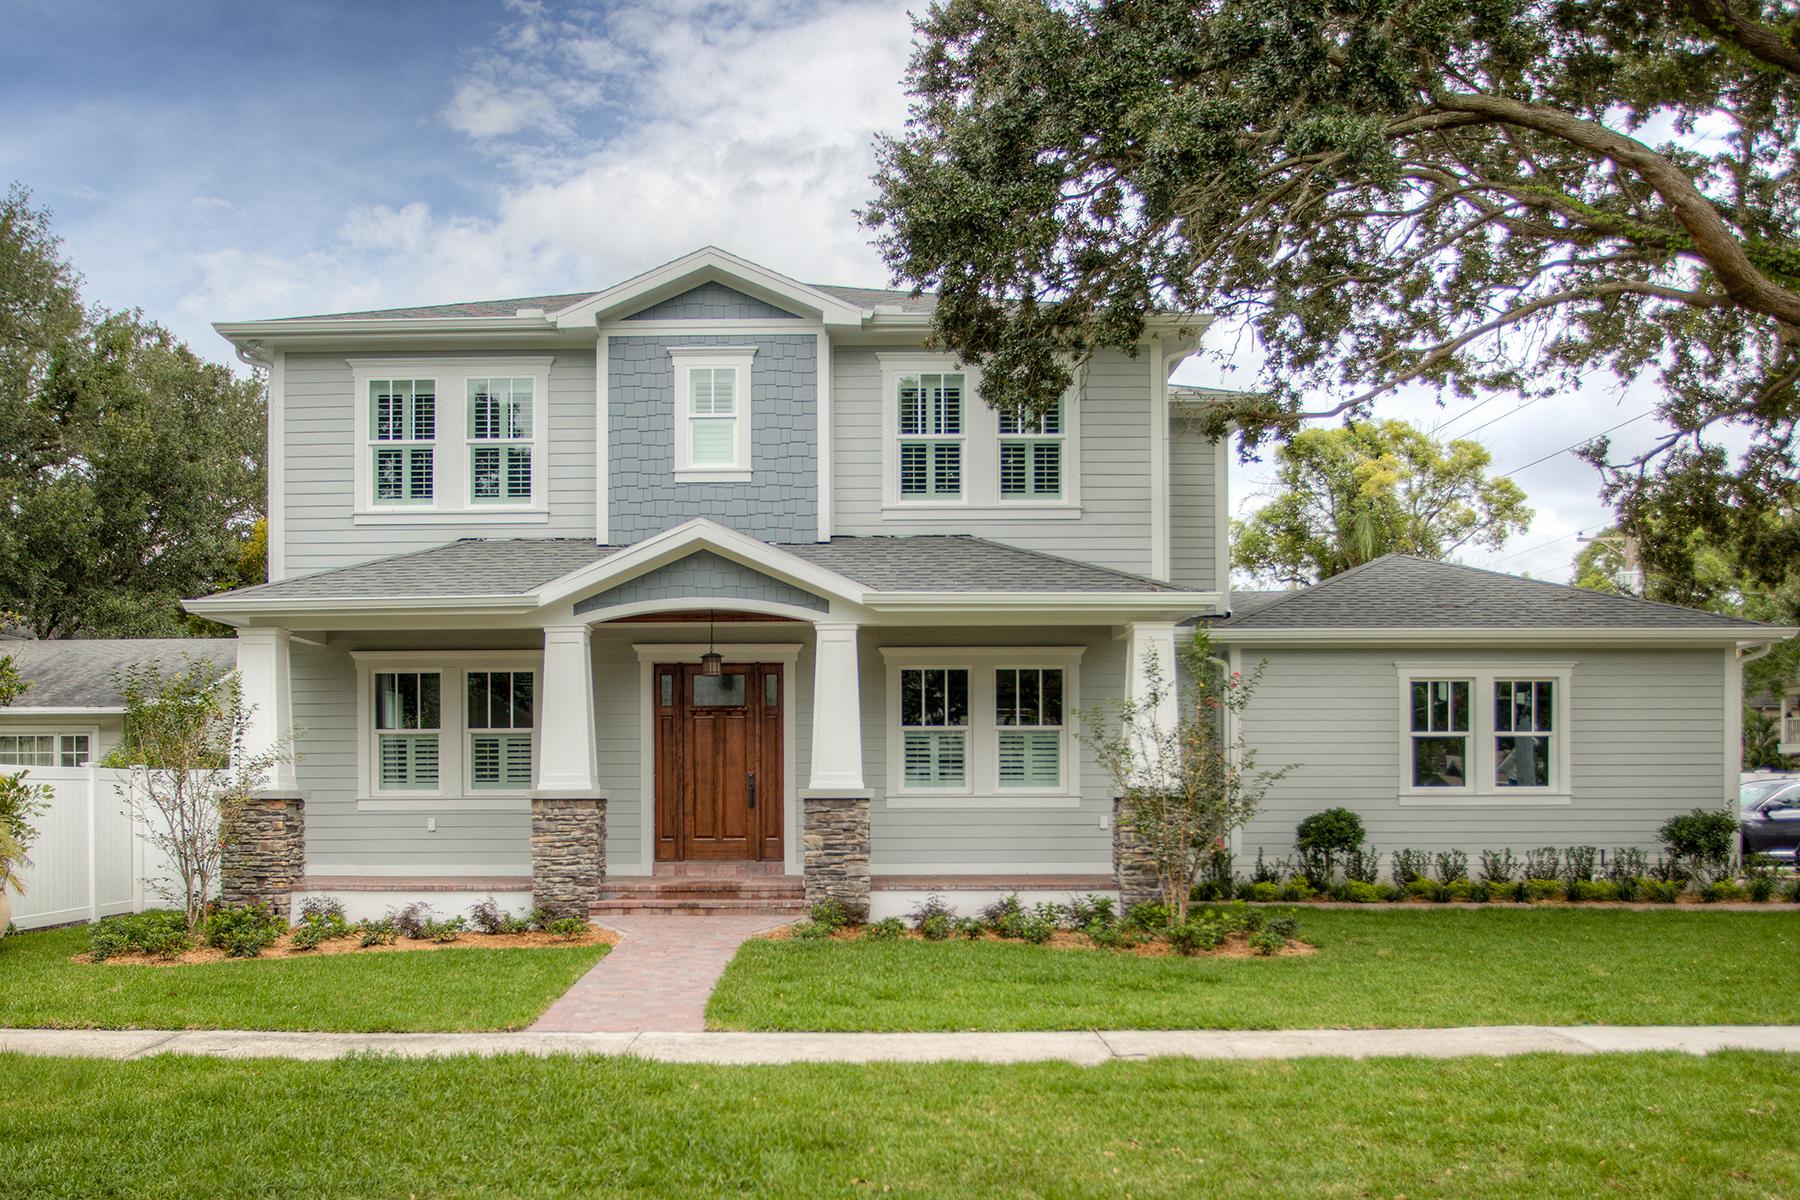 Tek Ailelik Ev için Satış at ST. PETERSBURG 398 Belleair Dr NE St. Petersburg, Florida 33704 Amerika Birleşik Devletleri